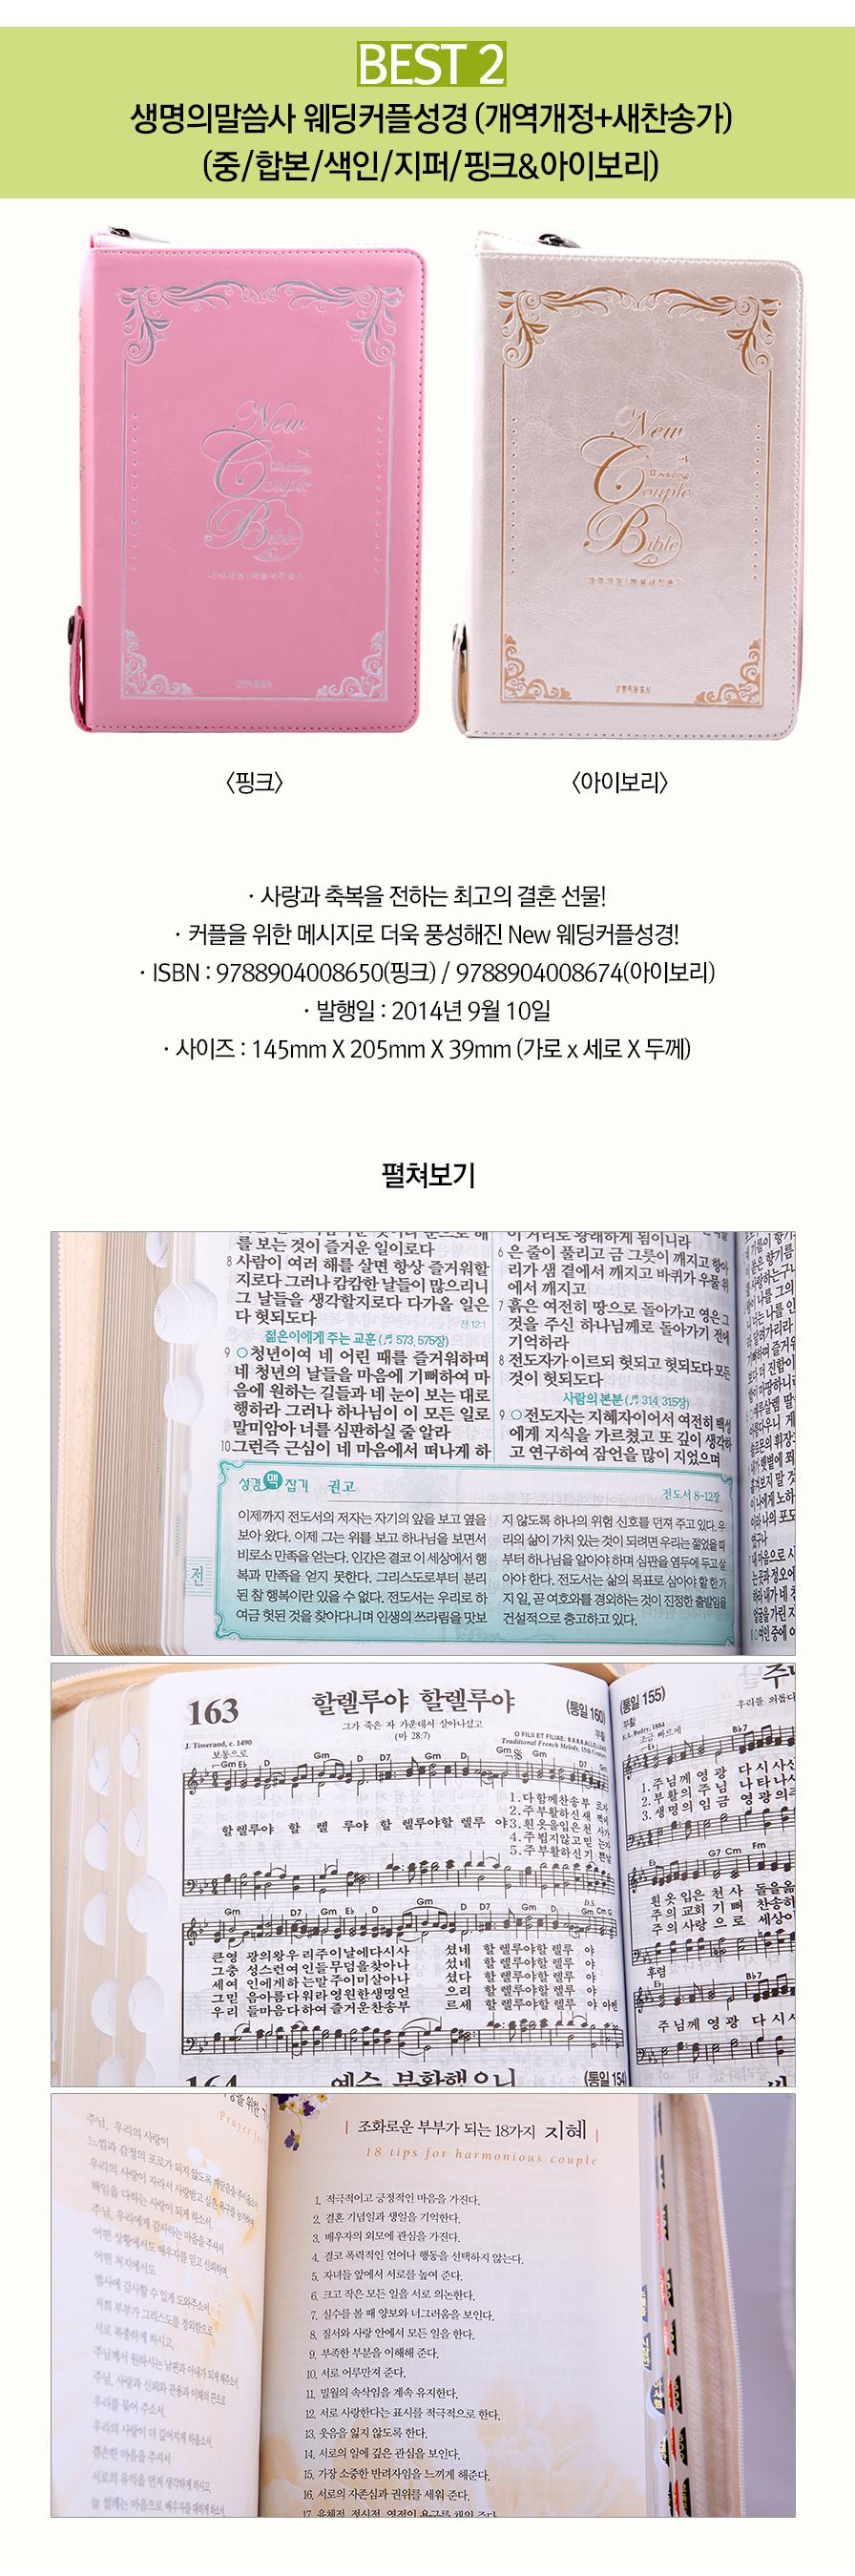 웨딩커플성경